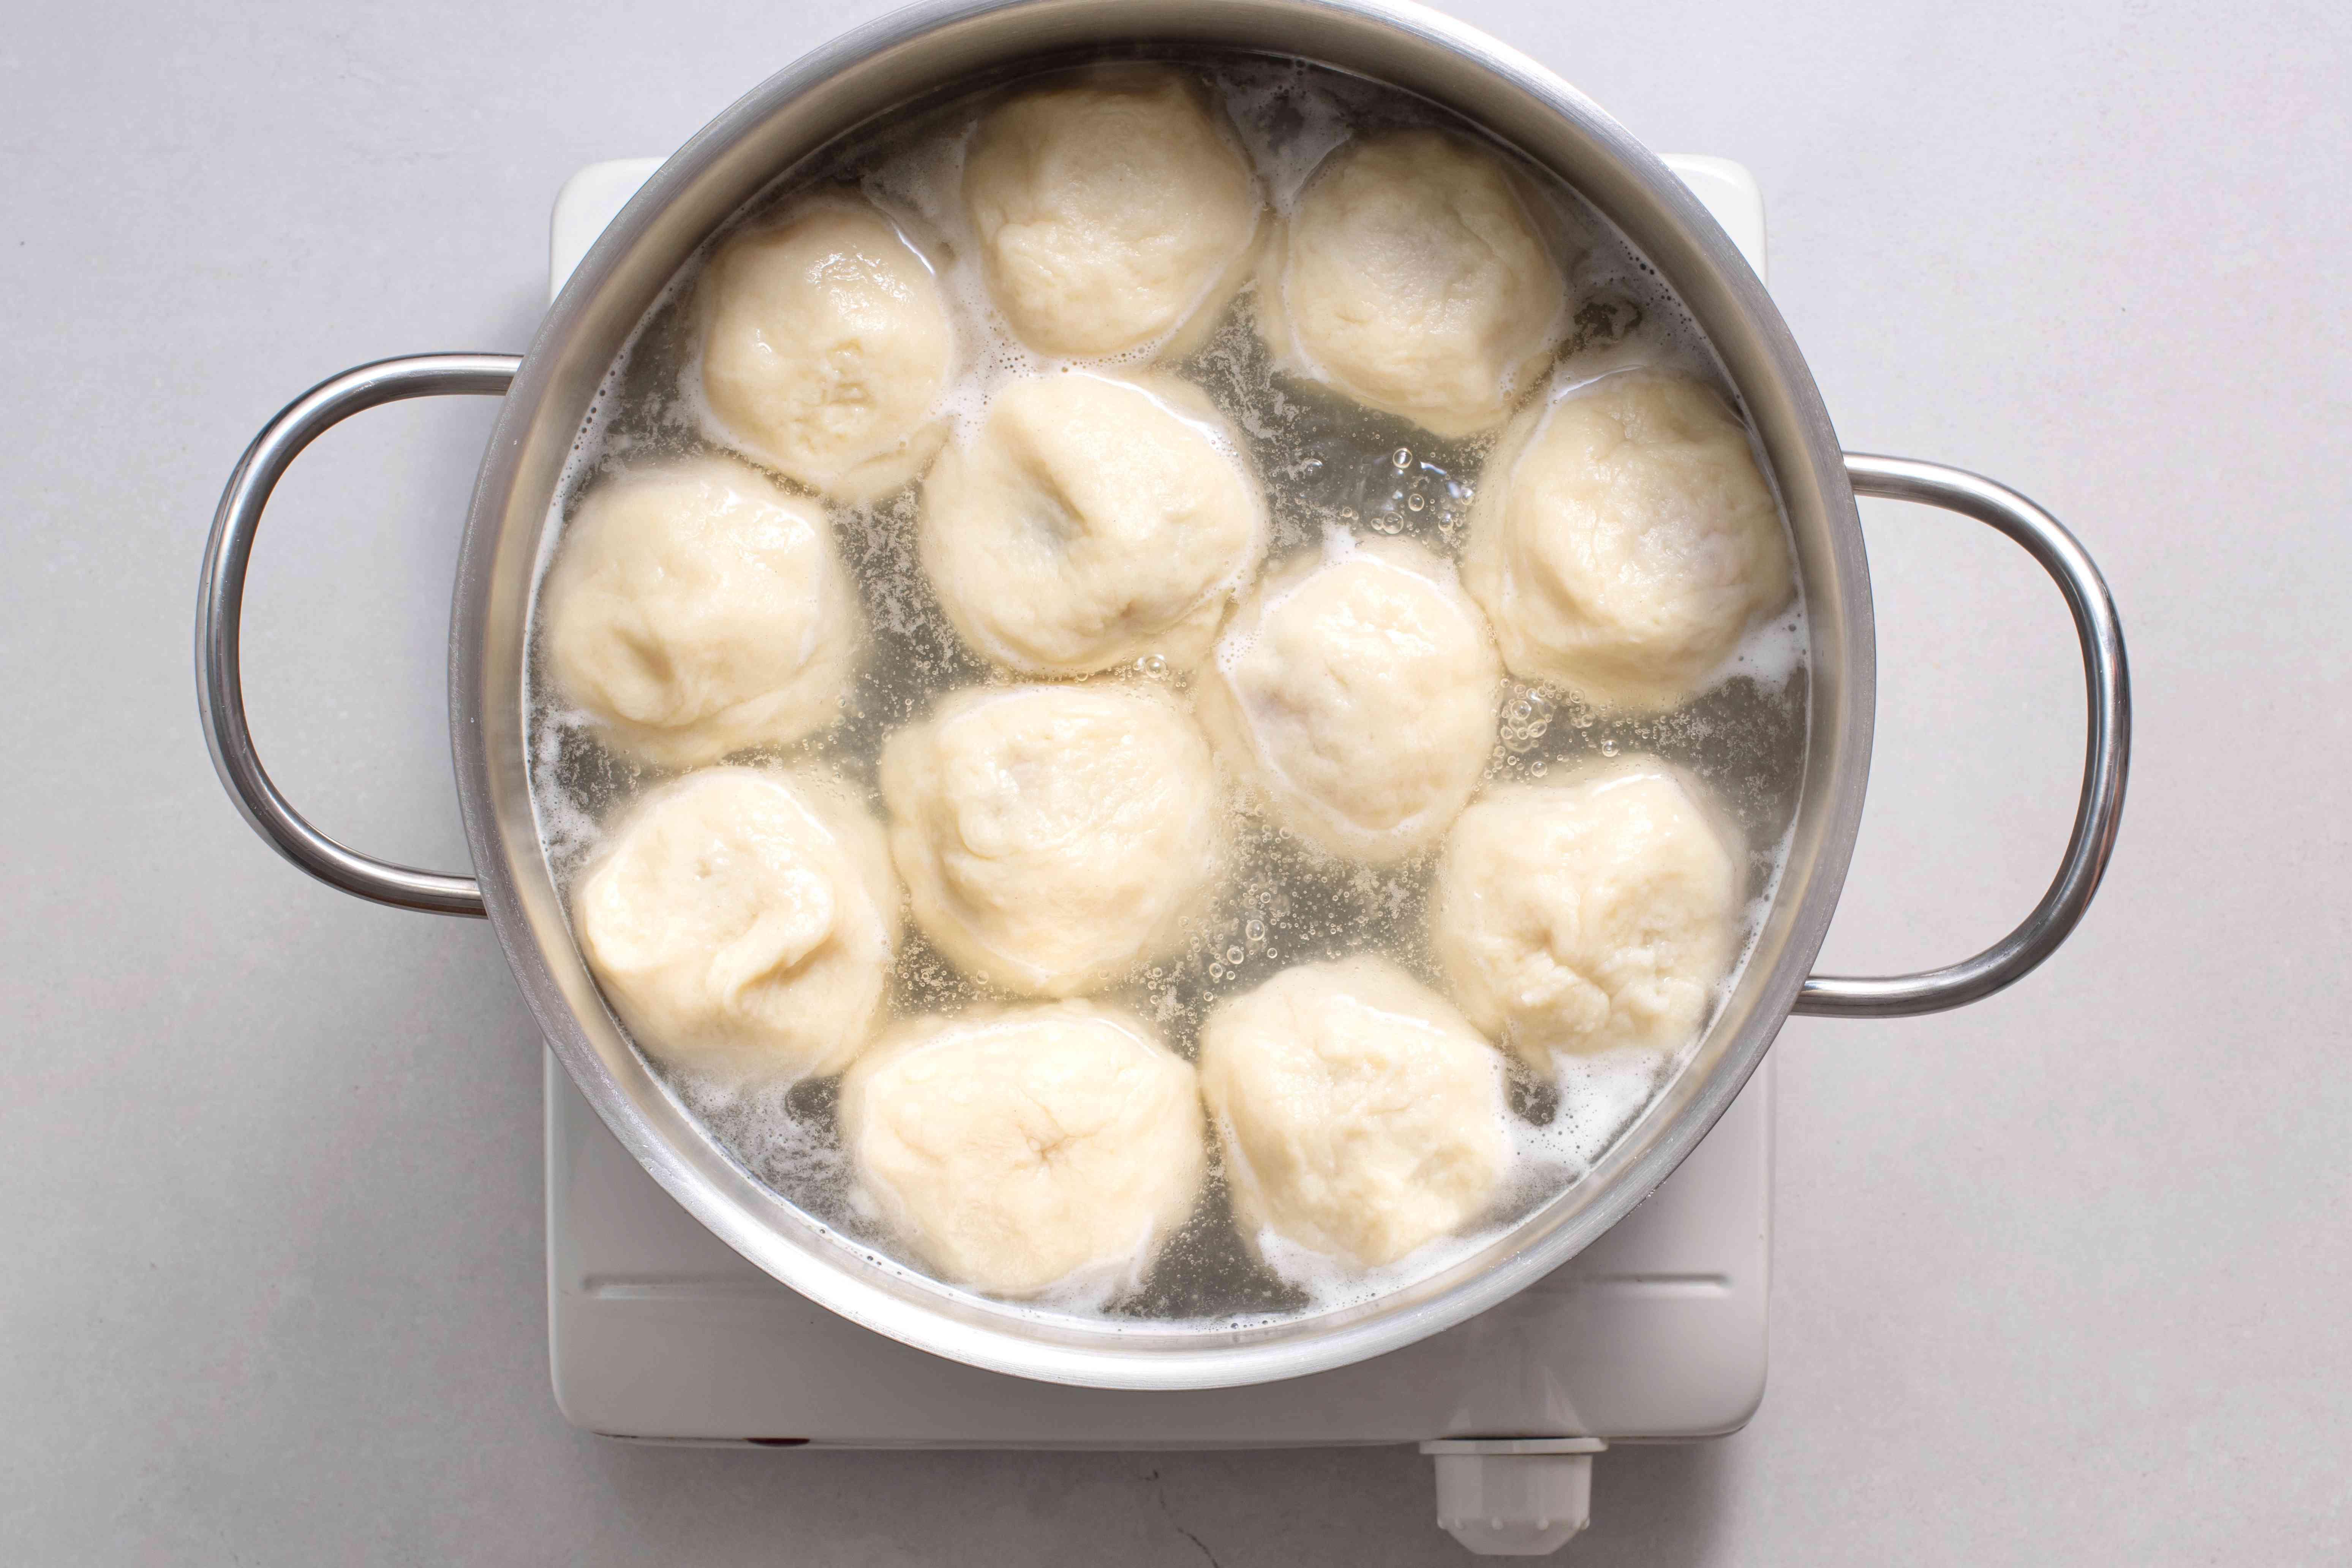 dumplings boiling in a pot